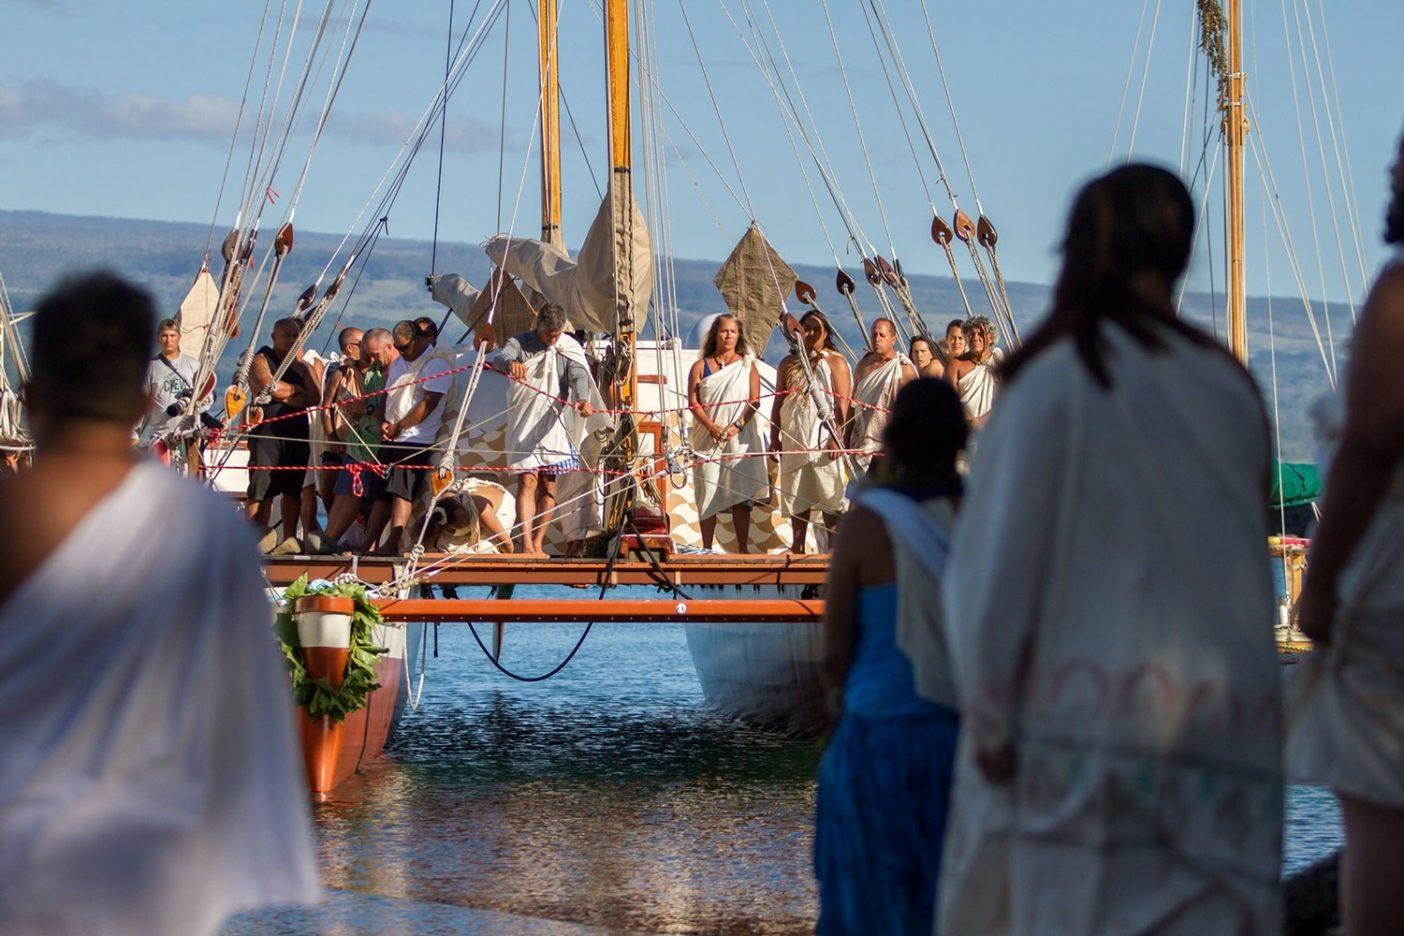 ヒロでメレを歌うヒキア ナリア号の乗組員。ヒキアナリア 号は伝統航法と近代計器を組み 合わせたハイブリッドのカヌーで、 帆走は古代航法でするものの、 万一ホクレア号の曳航が必要に なった場合にモーターを稼働 できるよう、16 枚のソーラーパネルを備えている。ヒキアナリアとは スピカのハワイ名で、ホクレア(アークトゥルス)に沿ってハワイの空に昇る姉妹星のこと。Photo: John Bilderback